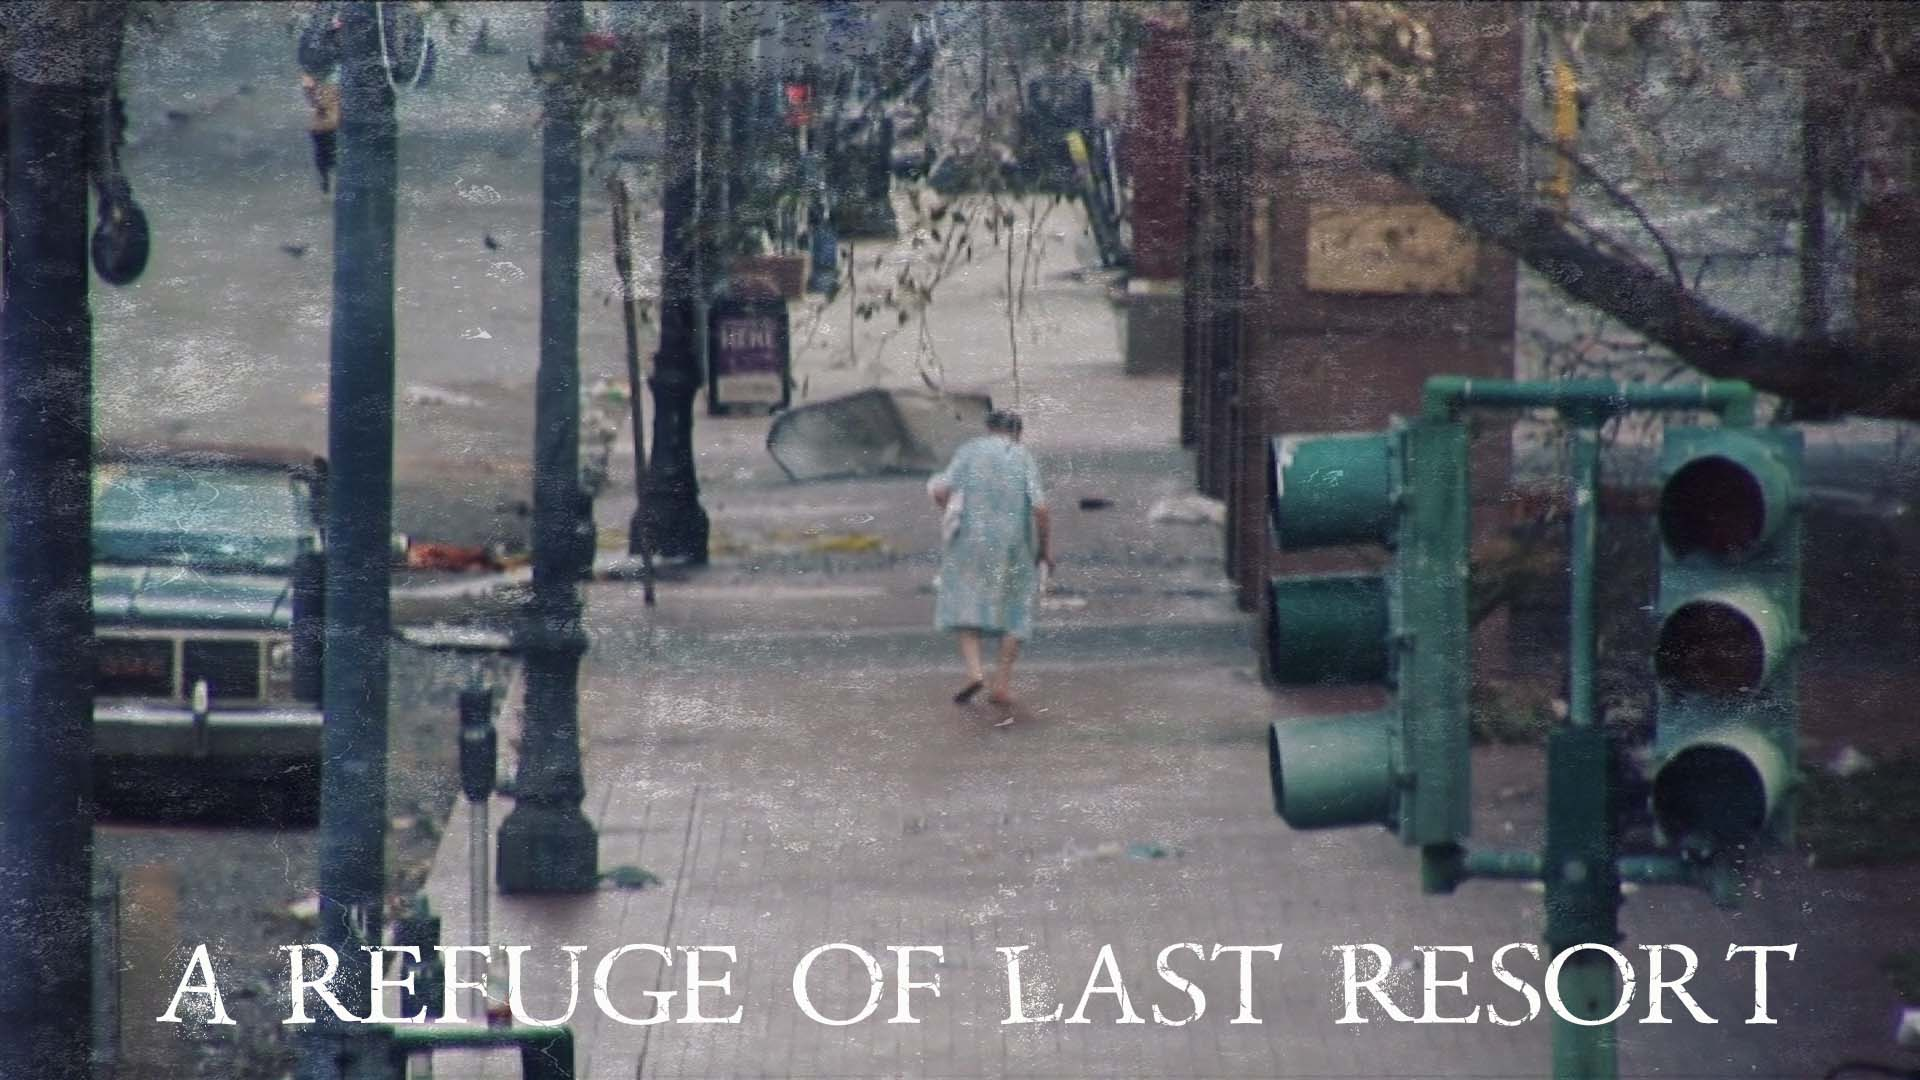 A Refuge of Last Resort